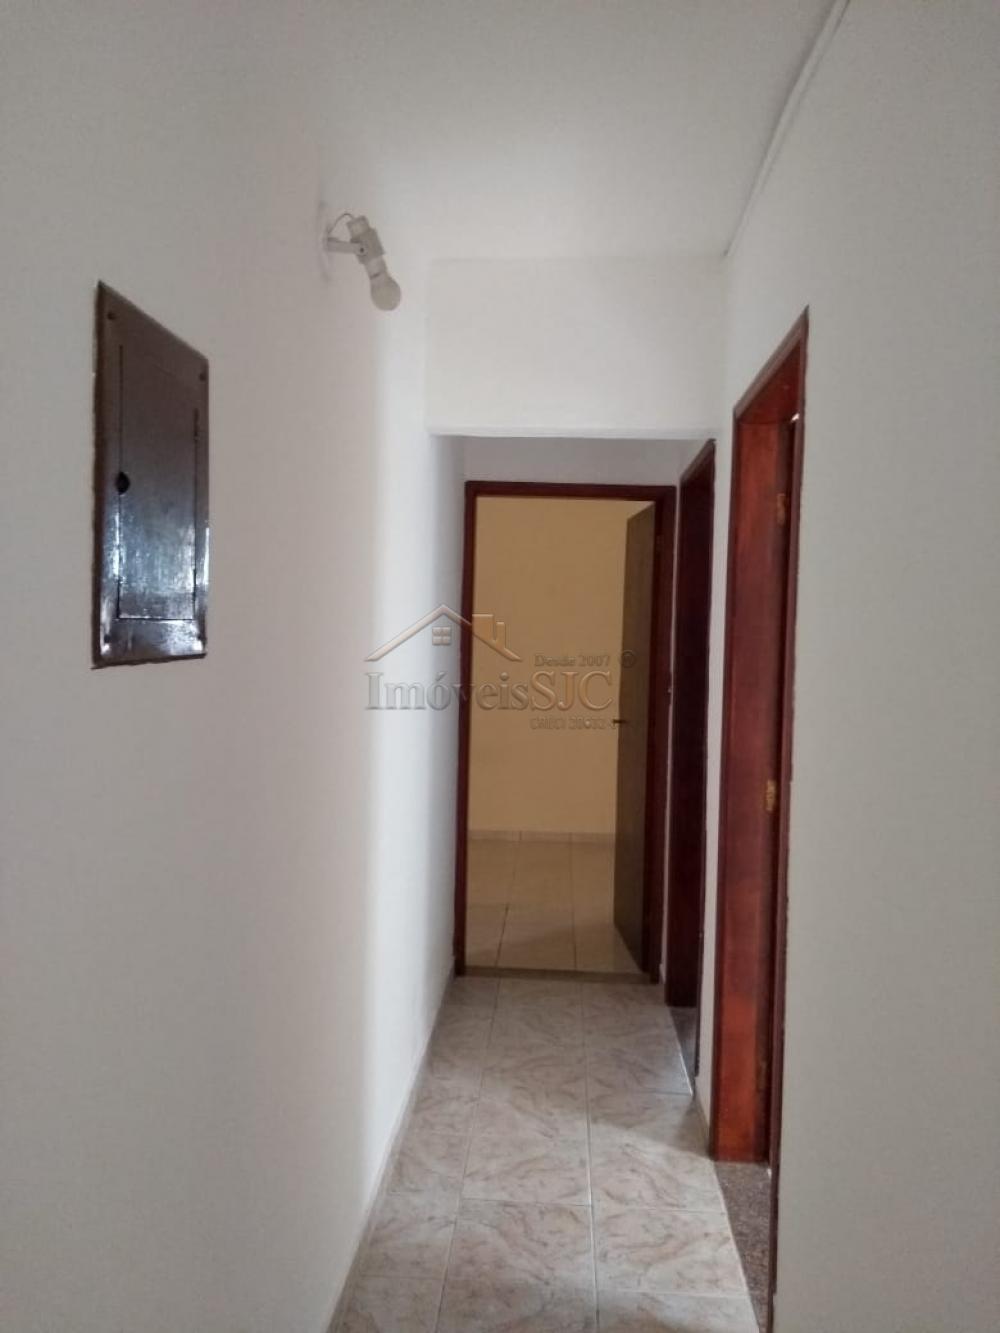 Alugar Casas / Padrão em São José dos Campos apenas R$ 1.800,00 - Foto 9